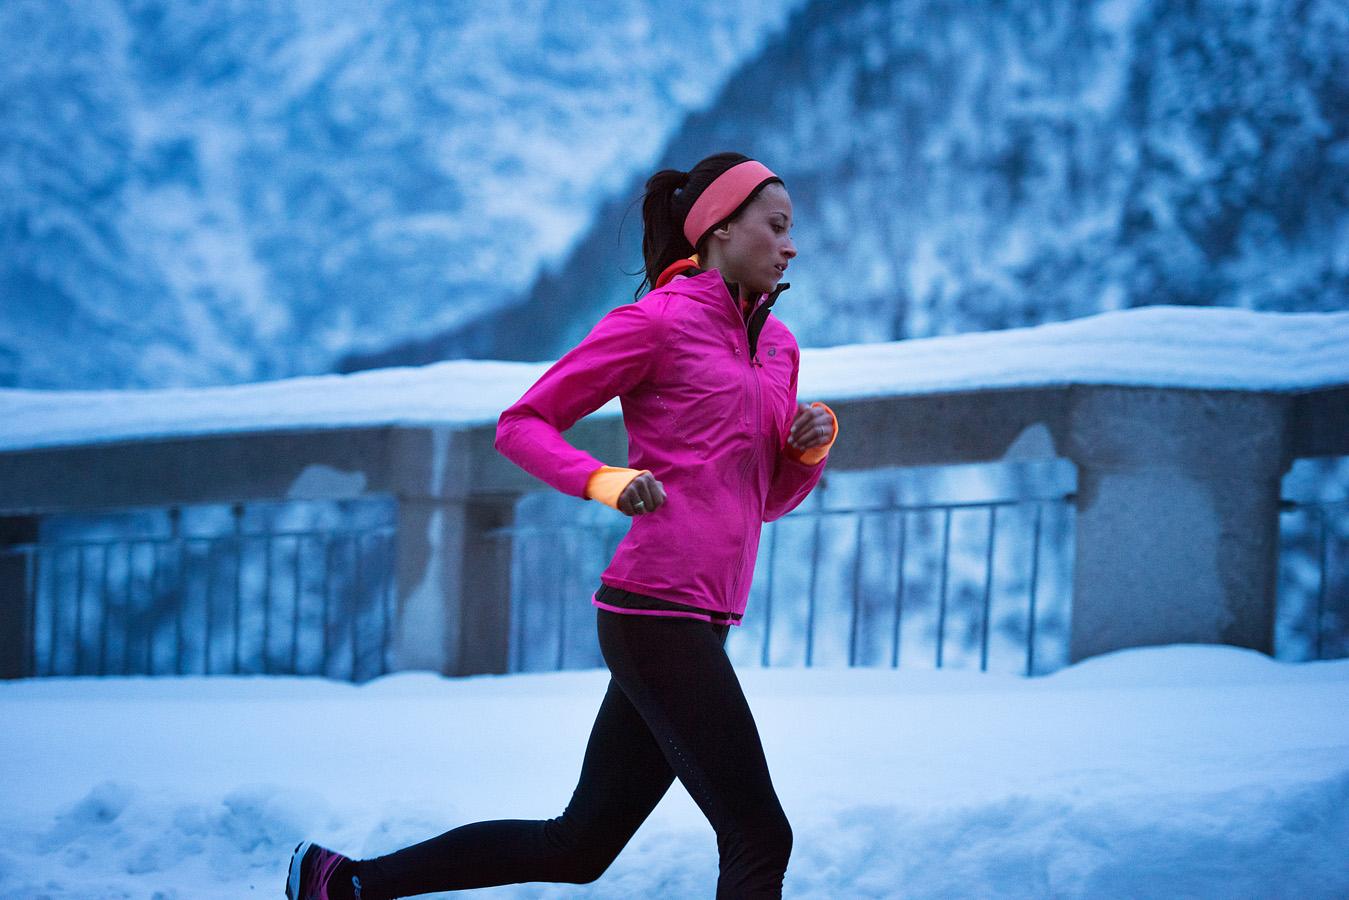 Основные требования к зимней одежде для бега, принцип многослойности